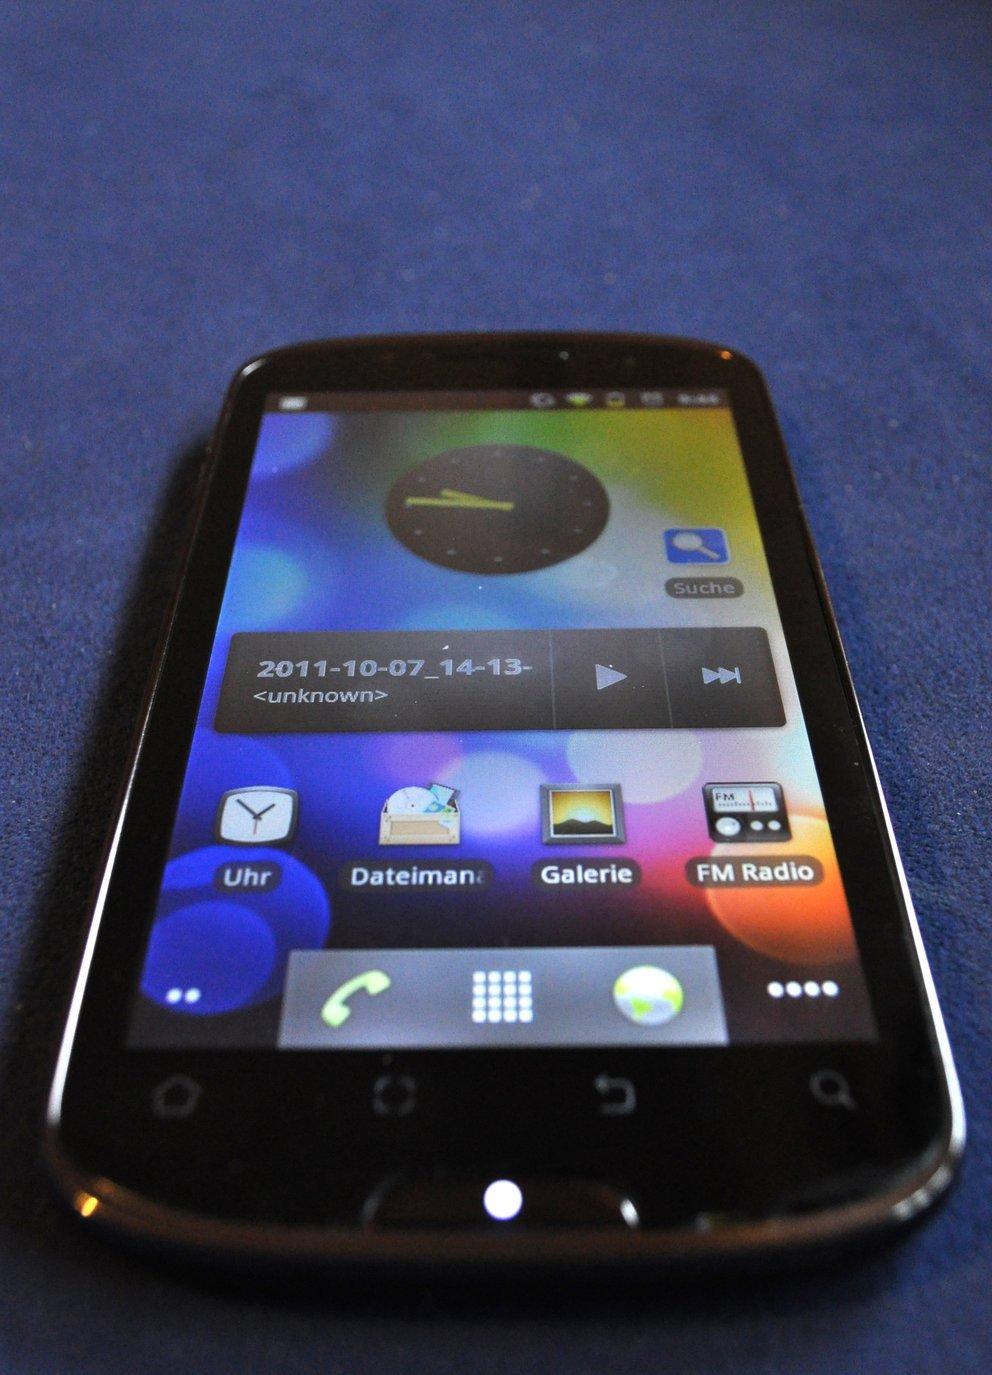 [Testbericht] Sim Valley SPX-5 UMTS - Was taugt das 5,2 Zoll-Smartphone für 229 Euro?